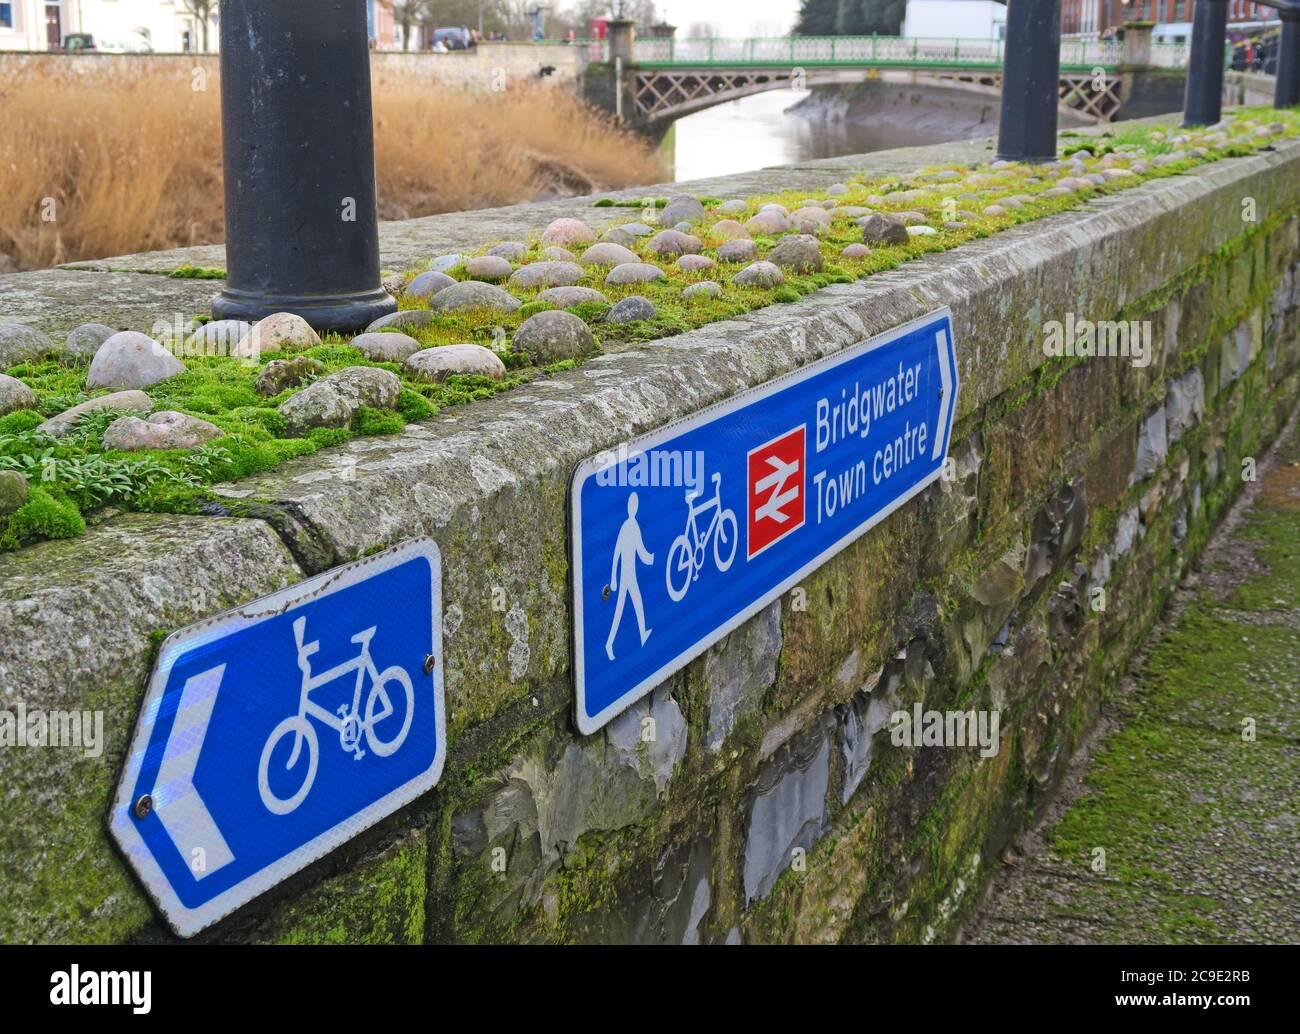 Dieses Stockfoto: Fahrradschilder, Bridgwater Town Centre, Bahnhof, Wanderweg, Bridgwater, Somerset, England, Großbritannien - 2C9E2R